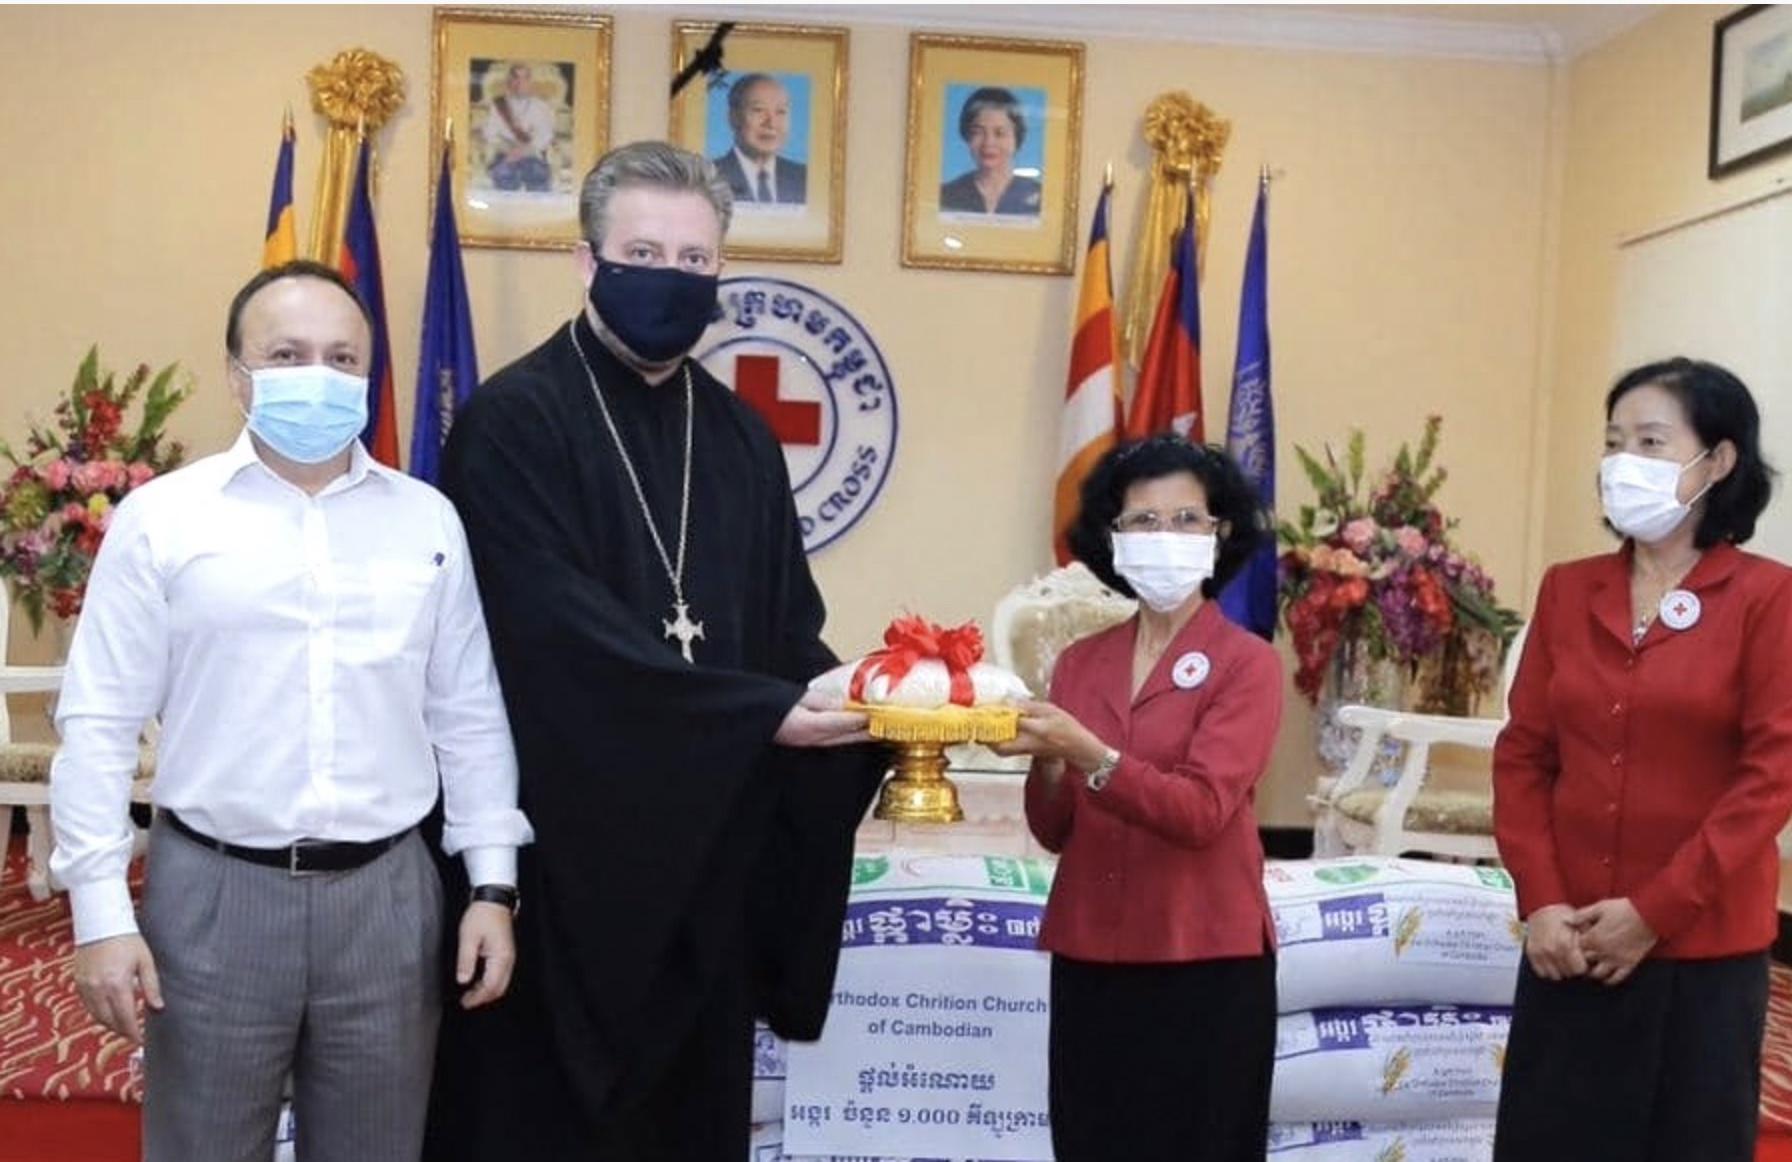 Православные приходы  в Камбодже пожертвовали тонну риса для пострадавших от наводнений